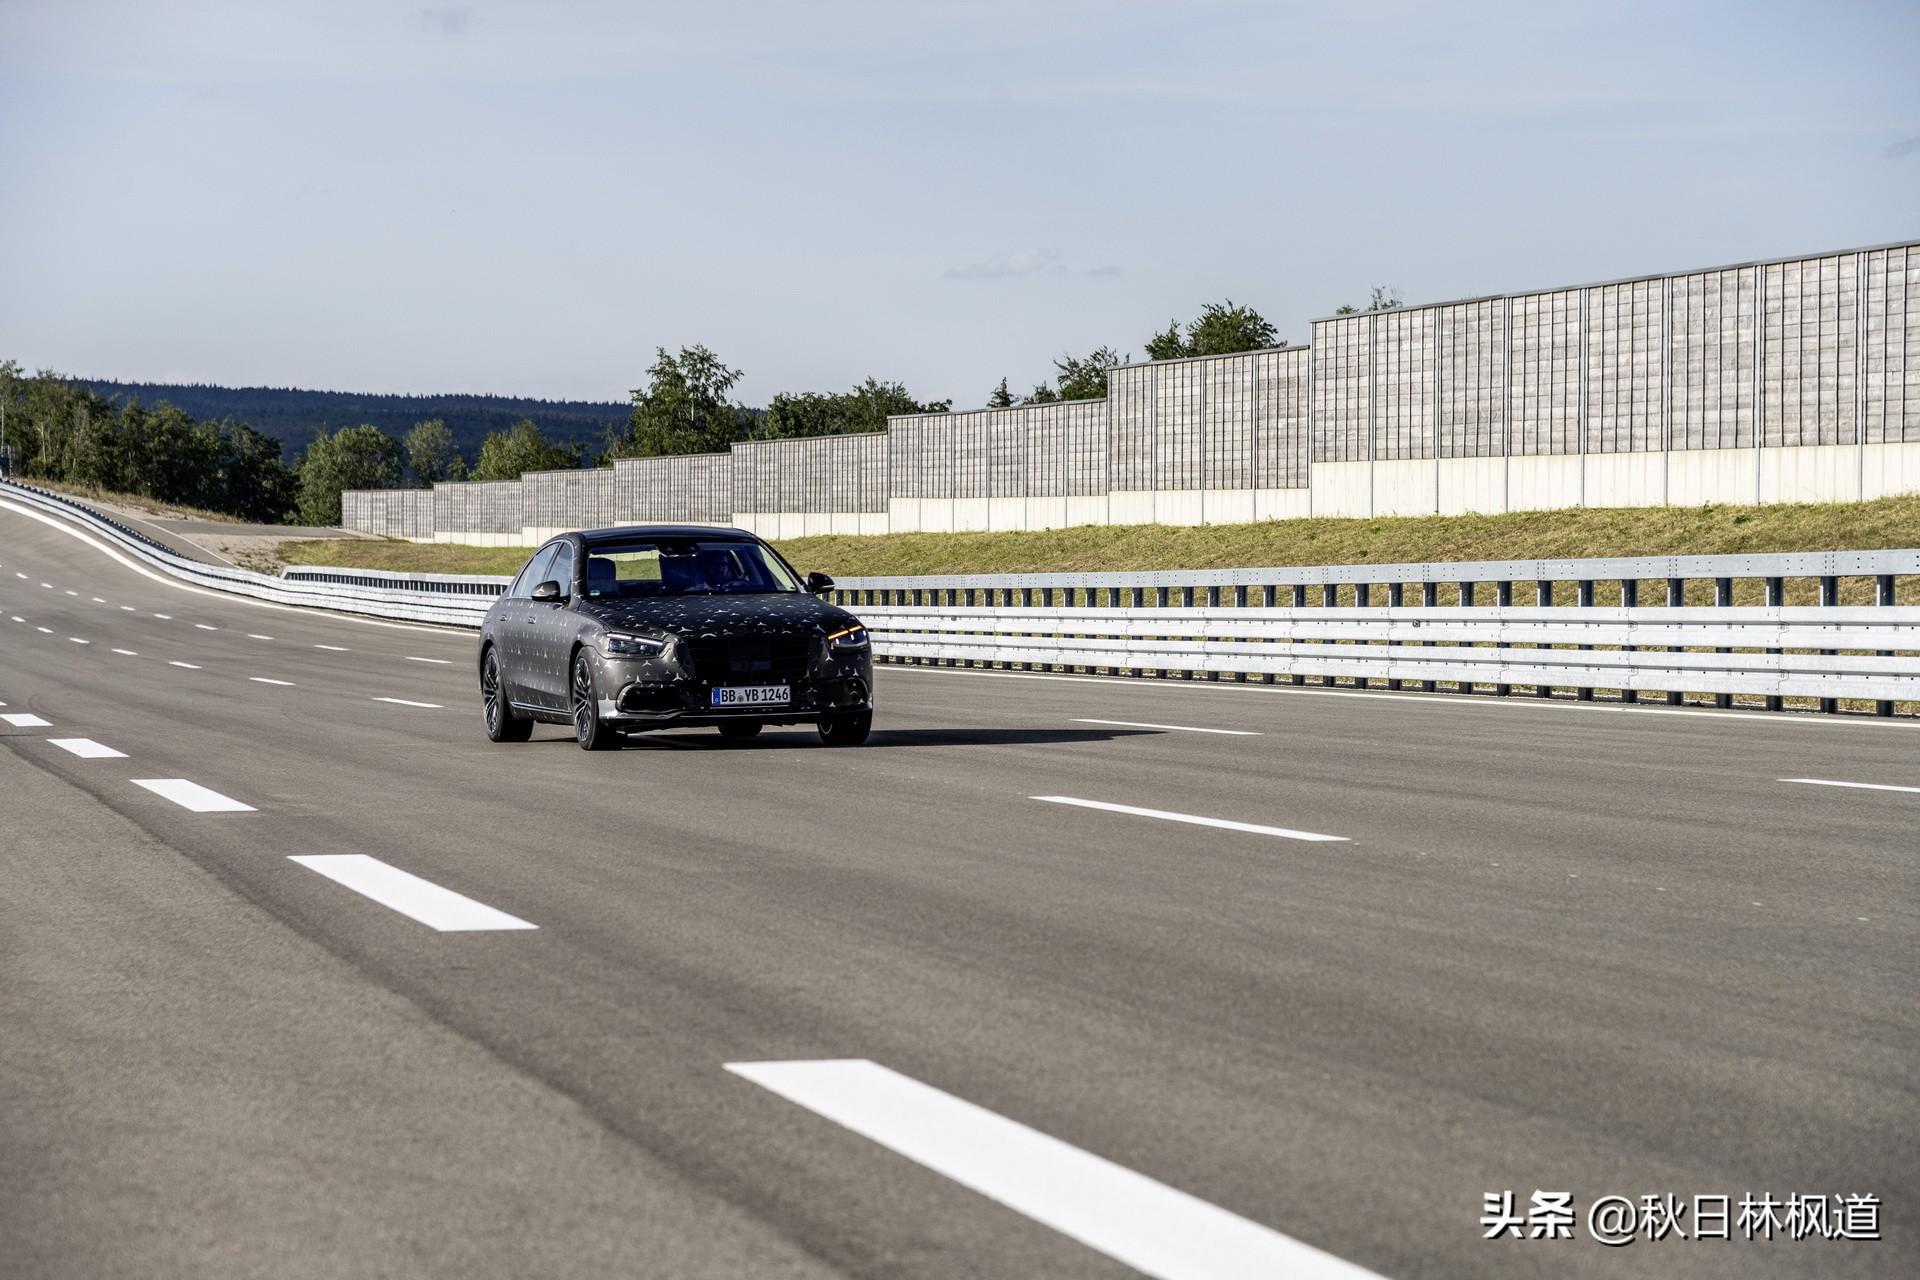 2021款奔驰S级海外版首次亮相,原来豪华可以这样